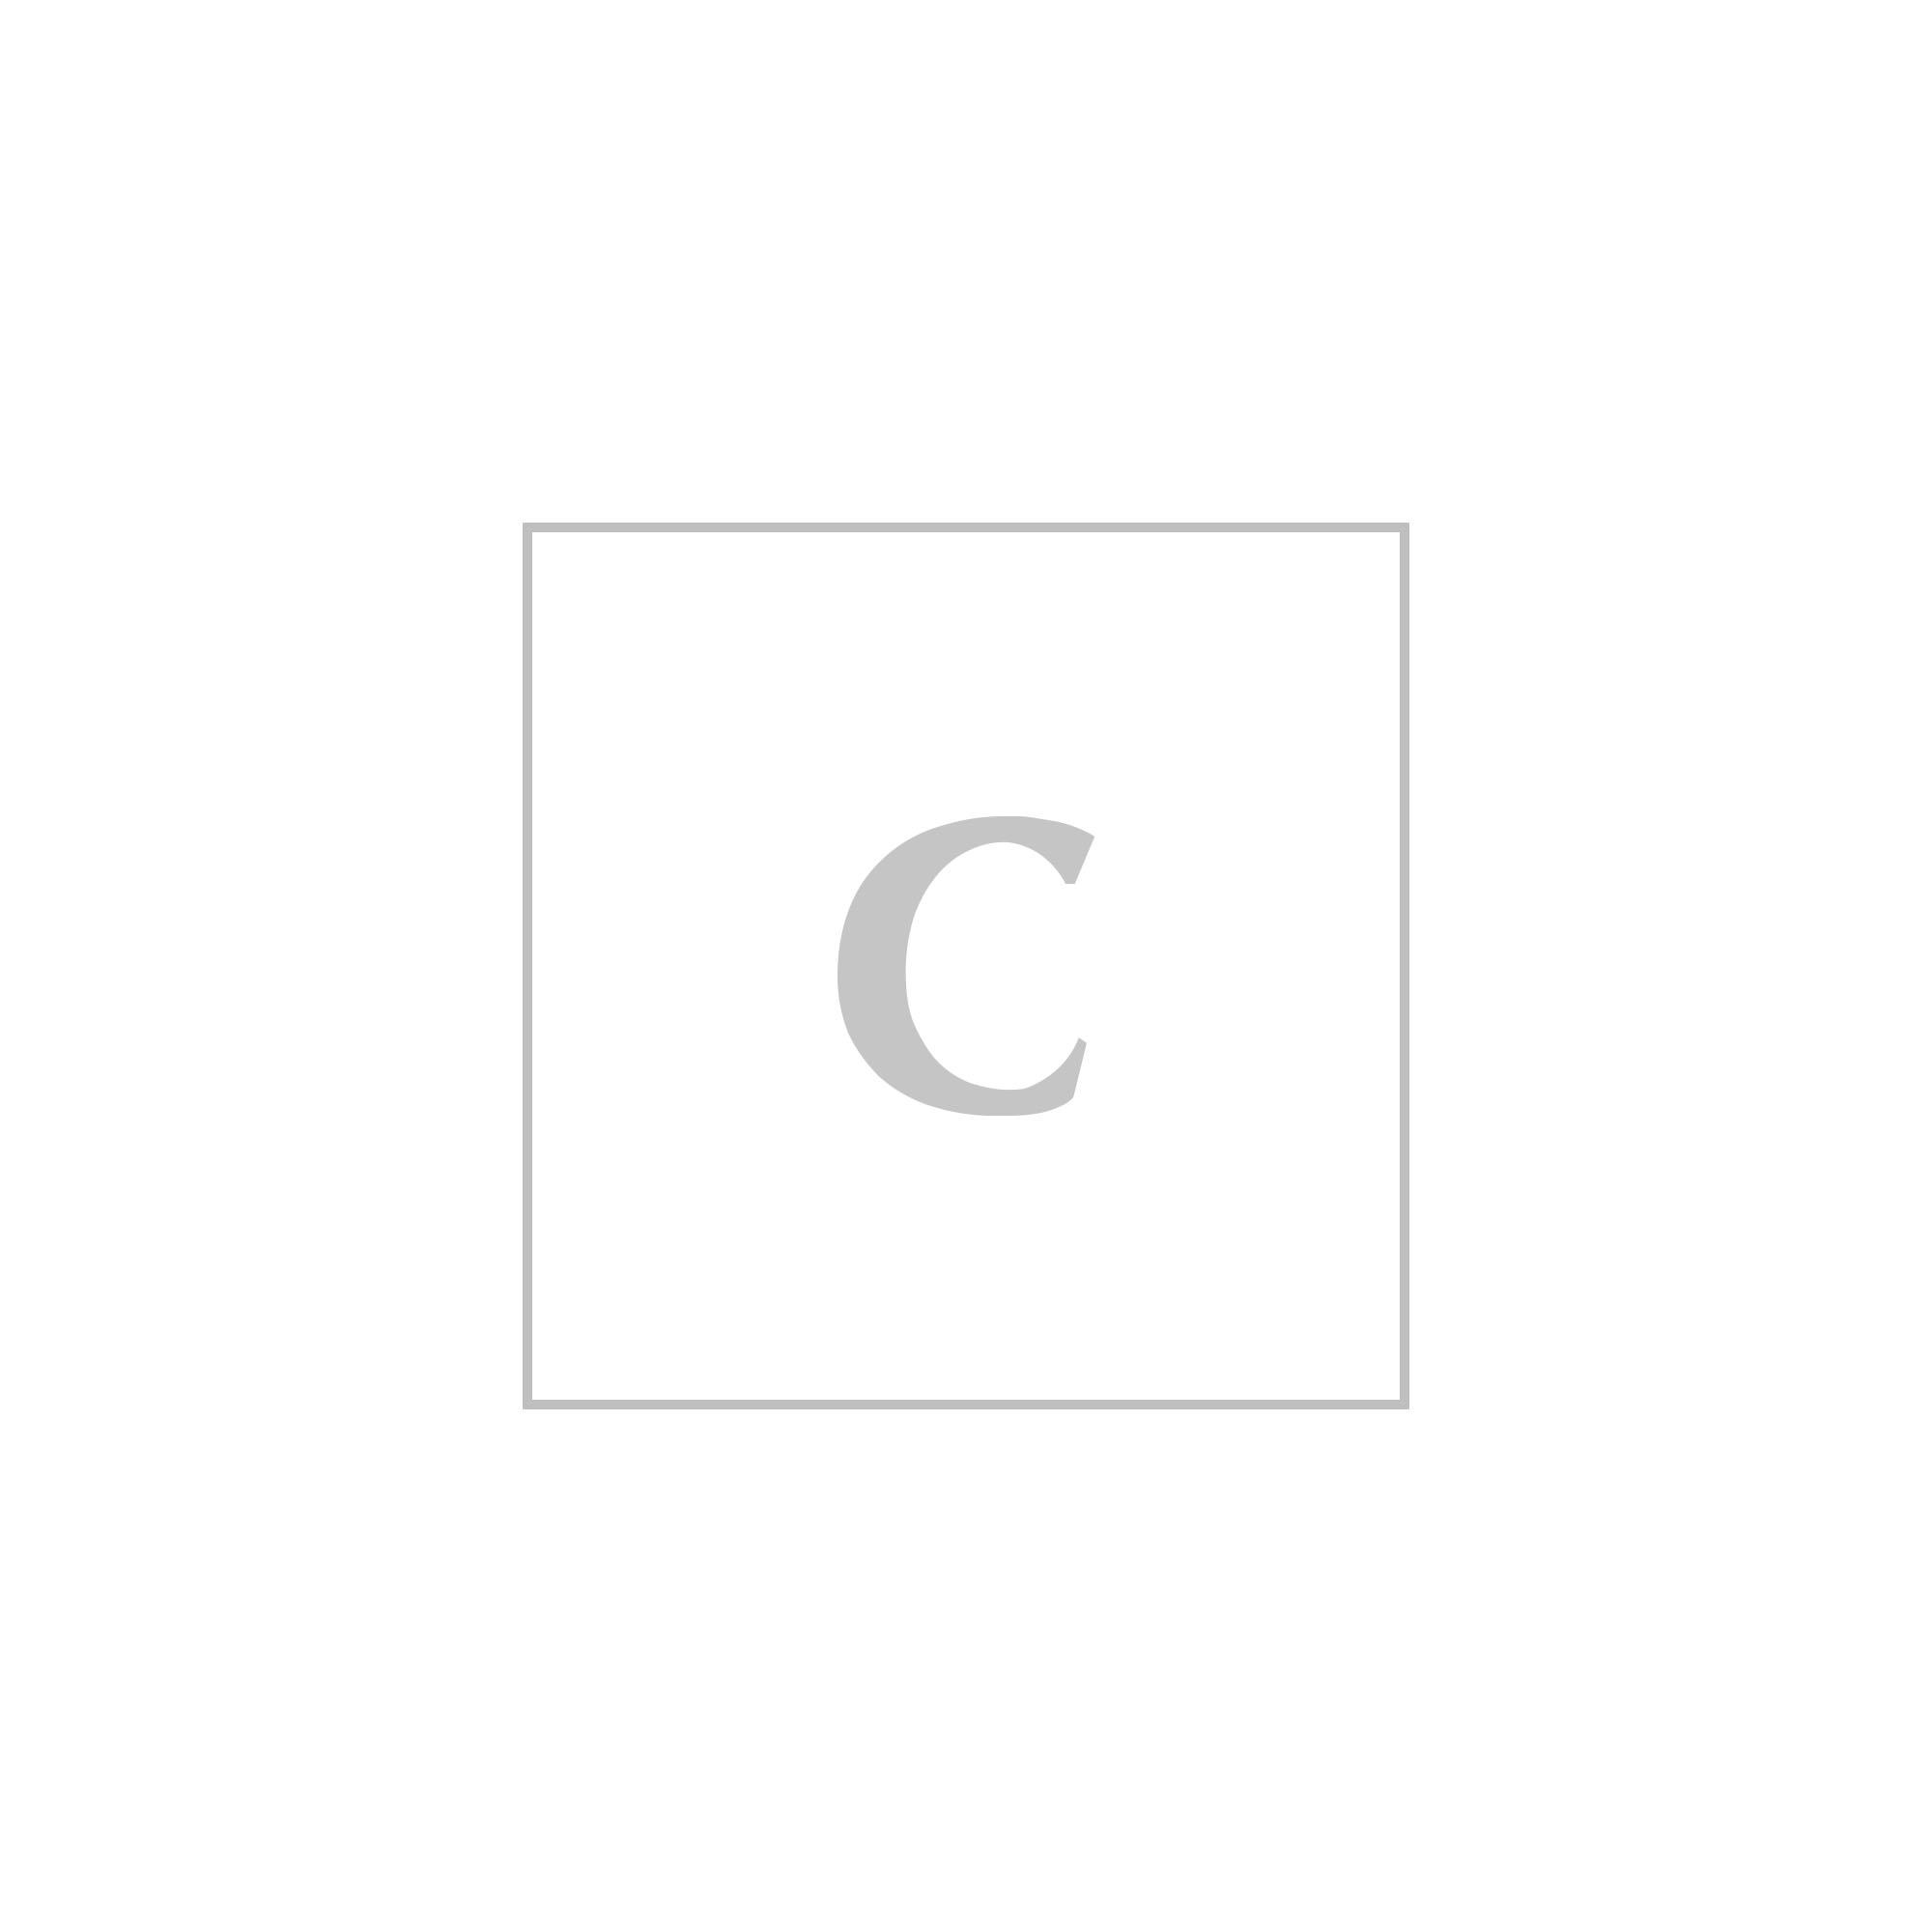 info for 8e6fc c5c6f pantaloni calvin-klein-205w39nyc grigio 182920upn000003-034-3.jpg